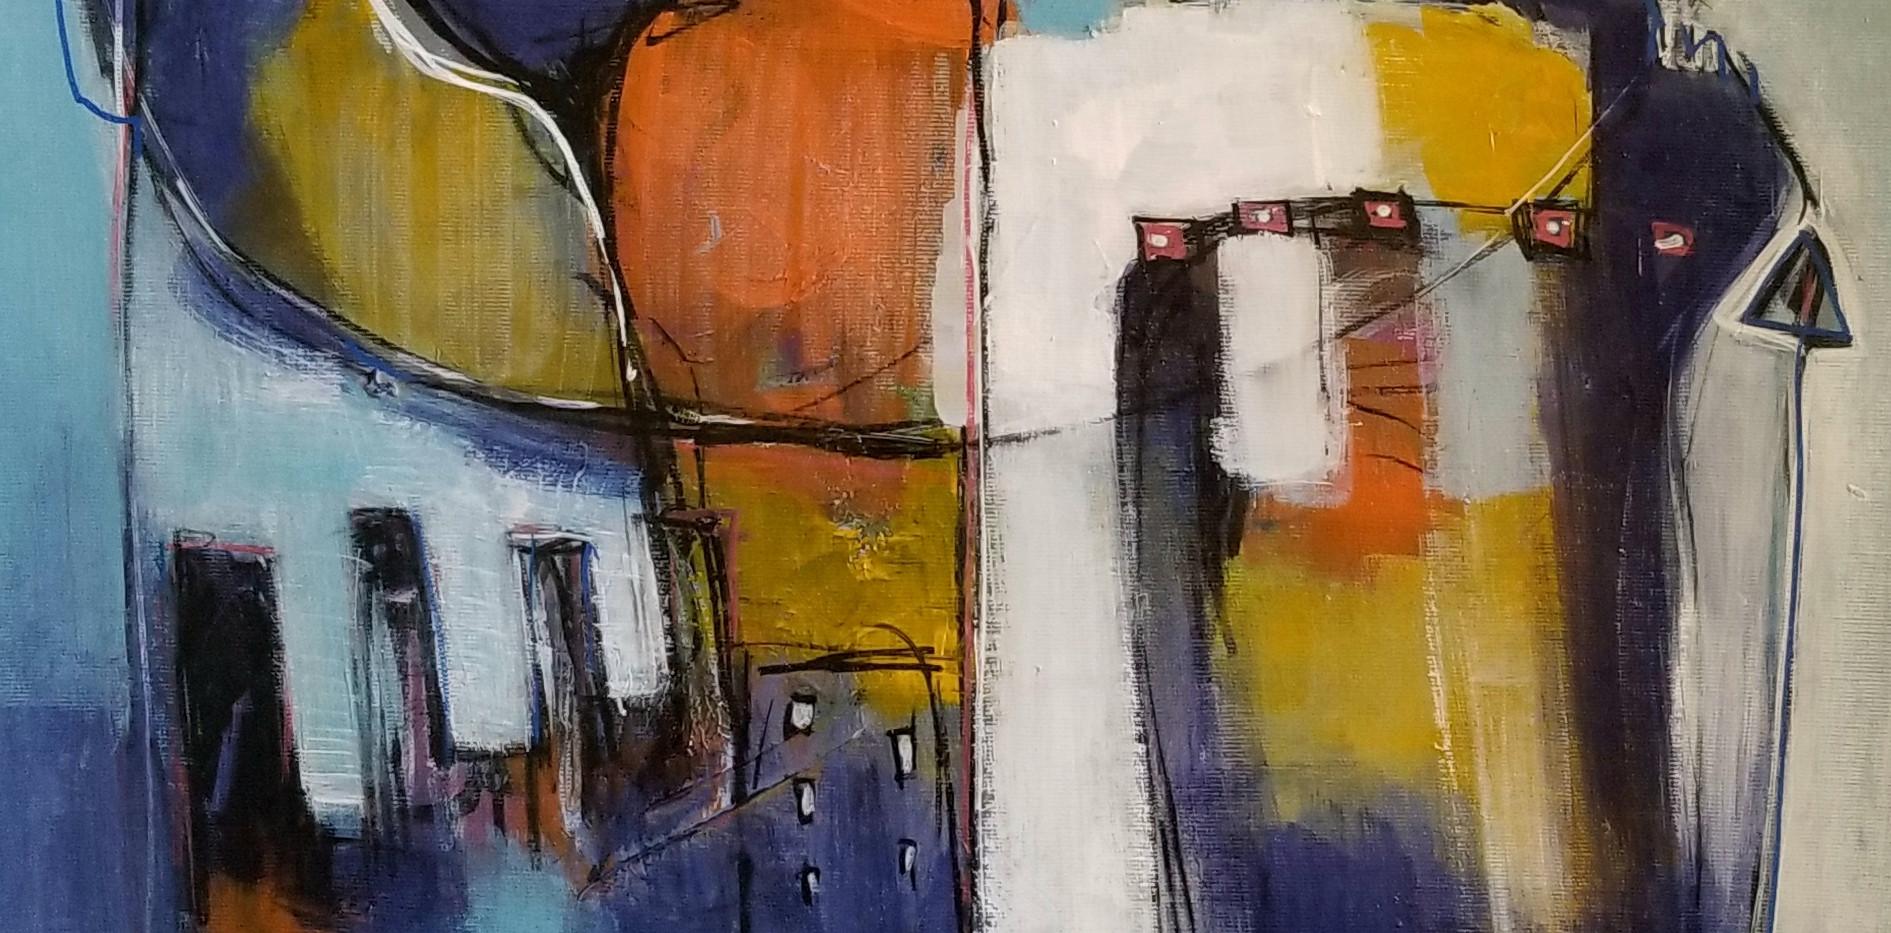 Les hommes de couleurs - 92x47 Acrylique